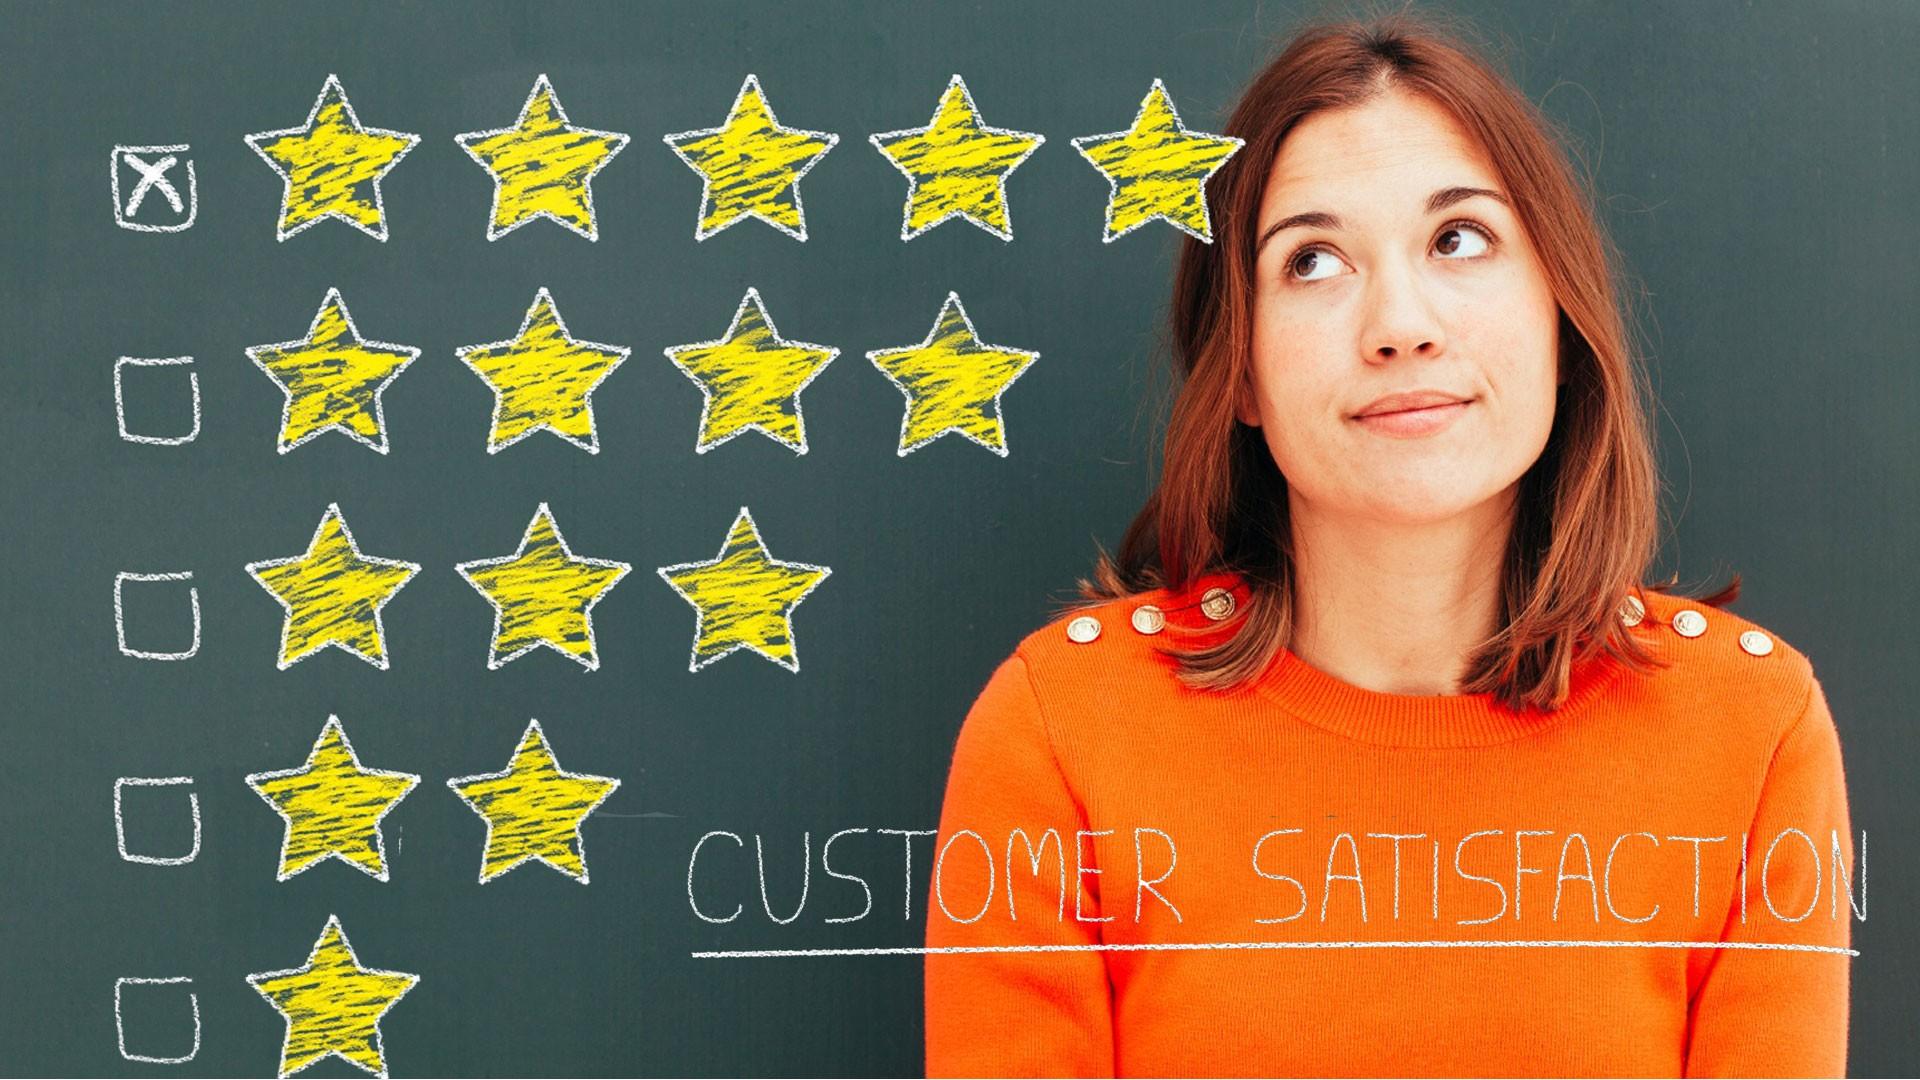 Google Bewertungen & Facebook Reviews - jetzt kostenlos testen | 24/7 Concepts